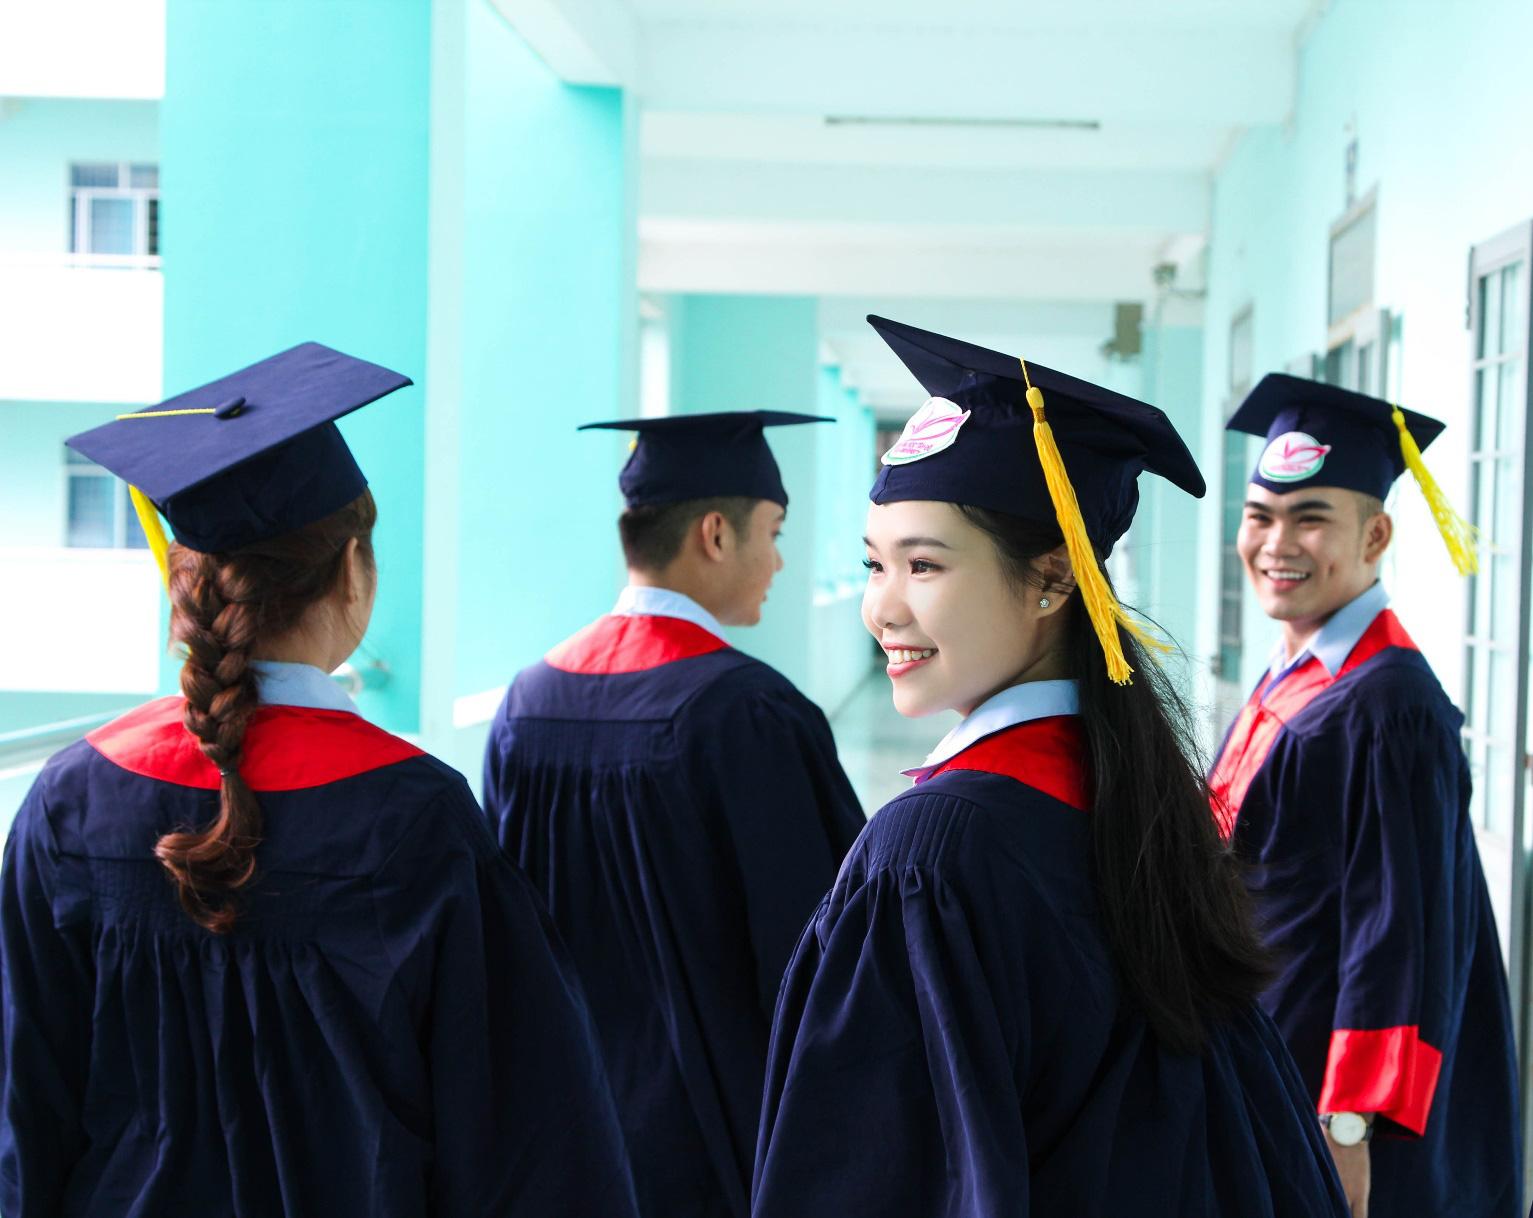 Tại sao Đại học Tây Đô là sự lựa chọn cho các bạn học sinh ĐBSCL? - Ảnh 1.